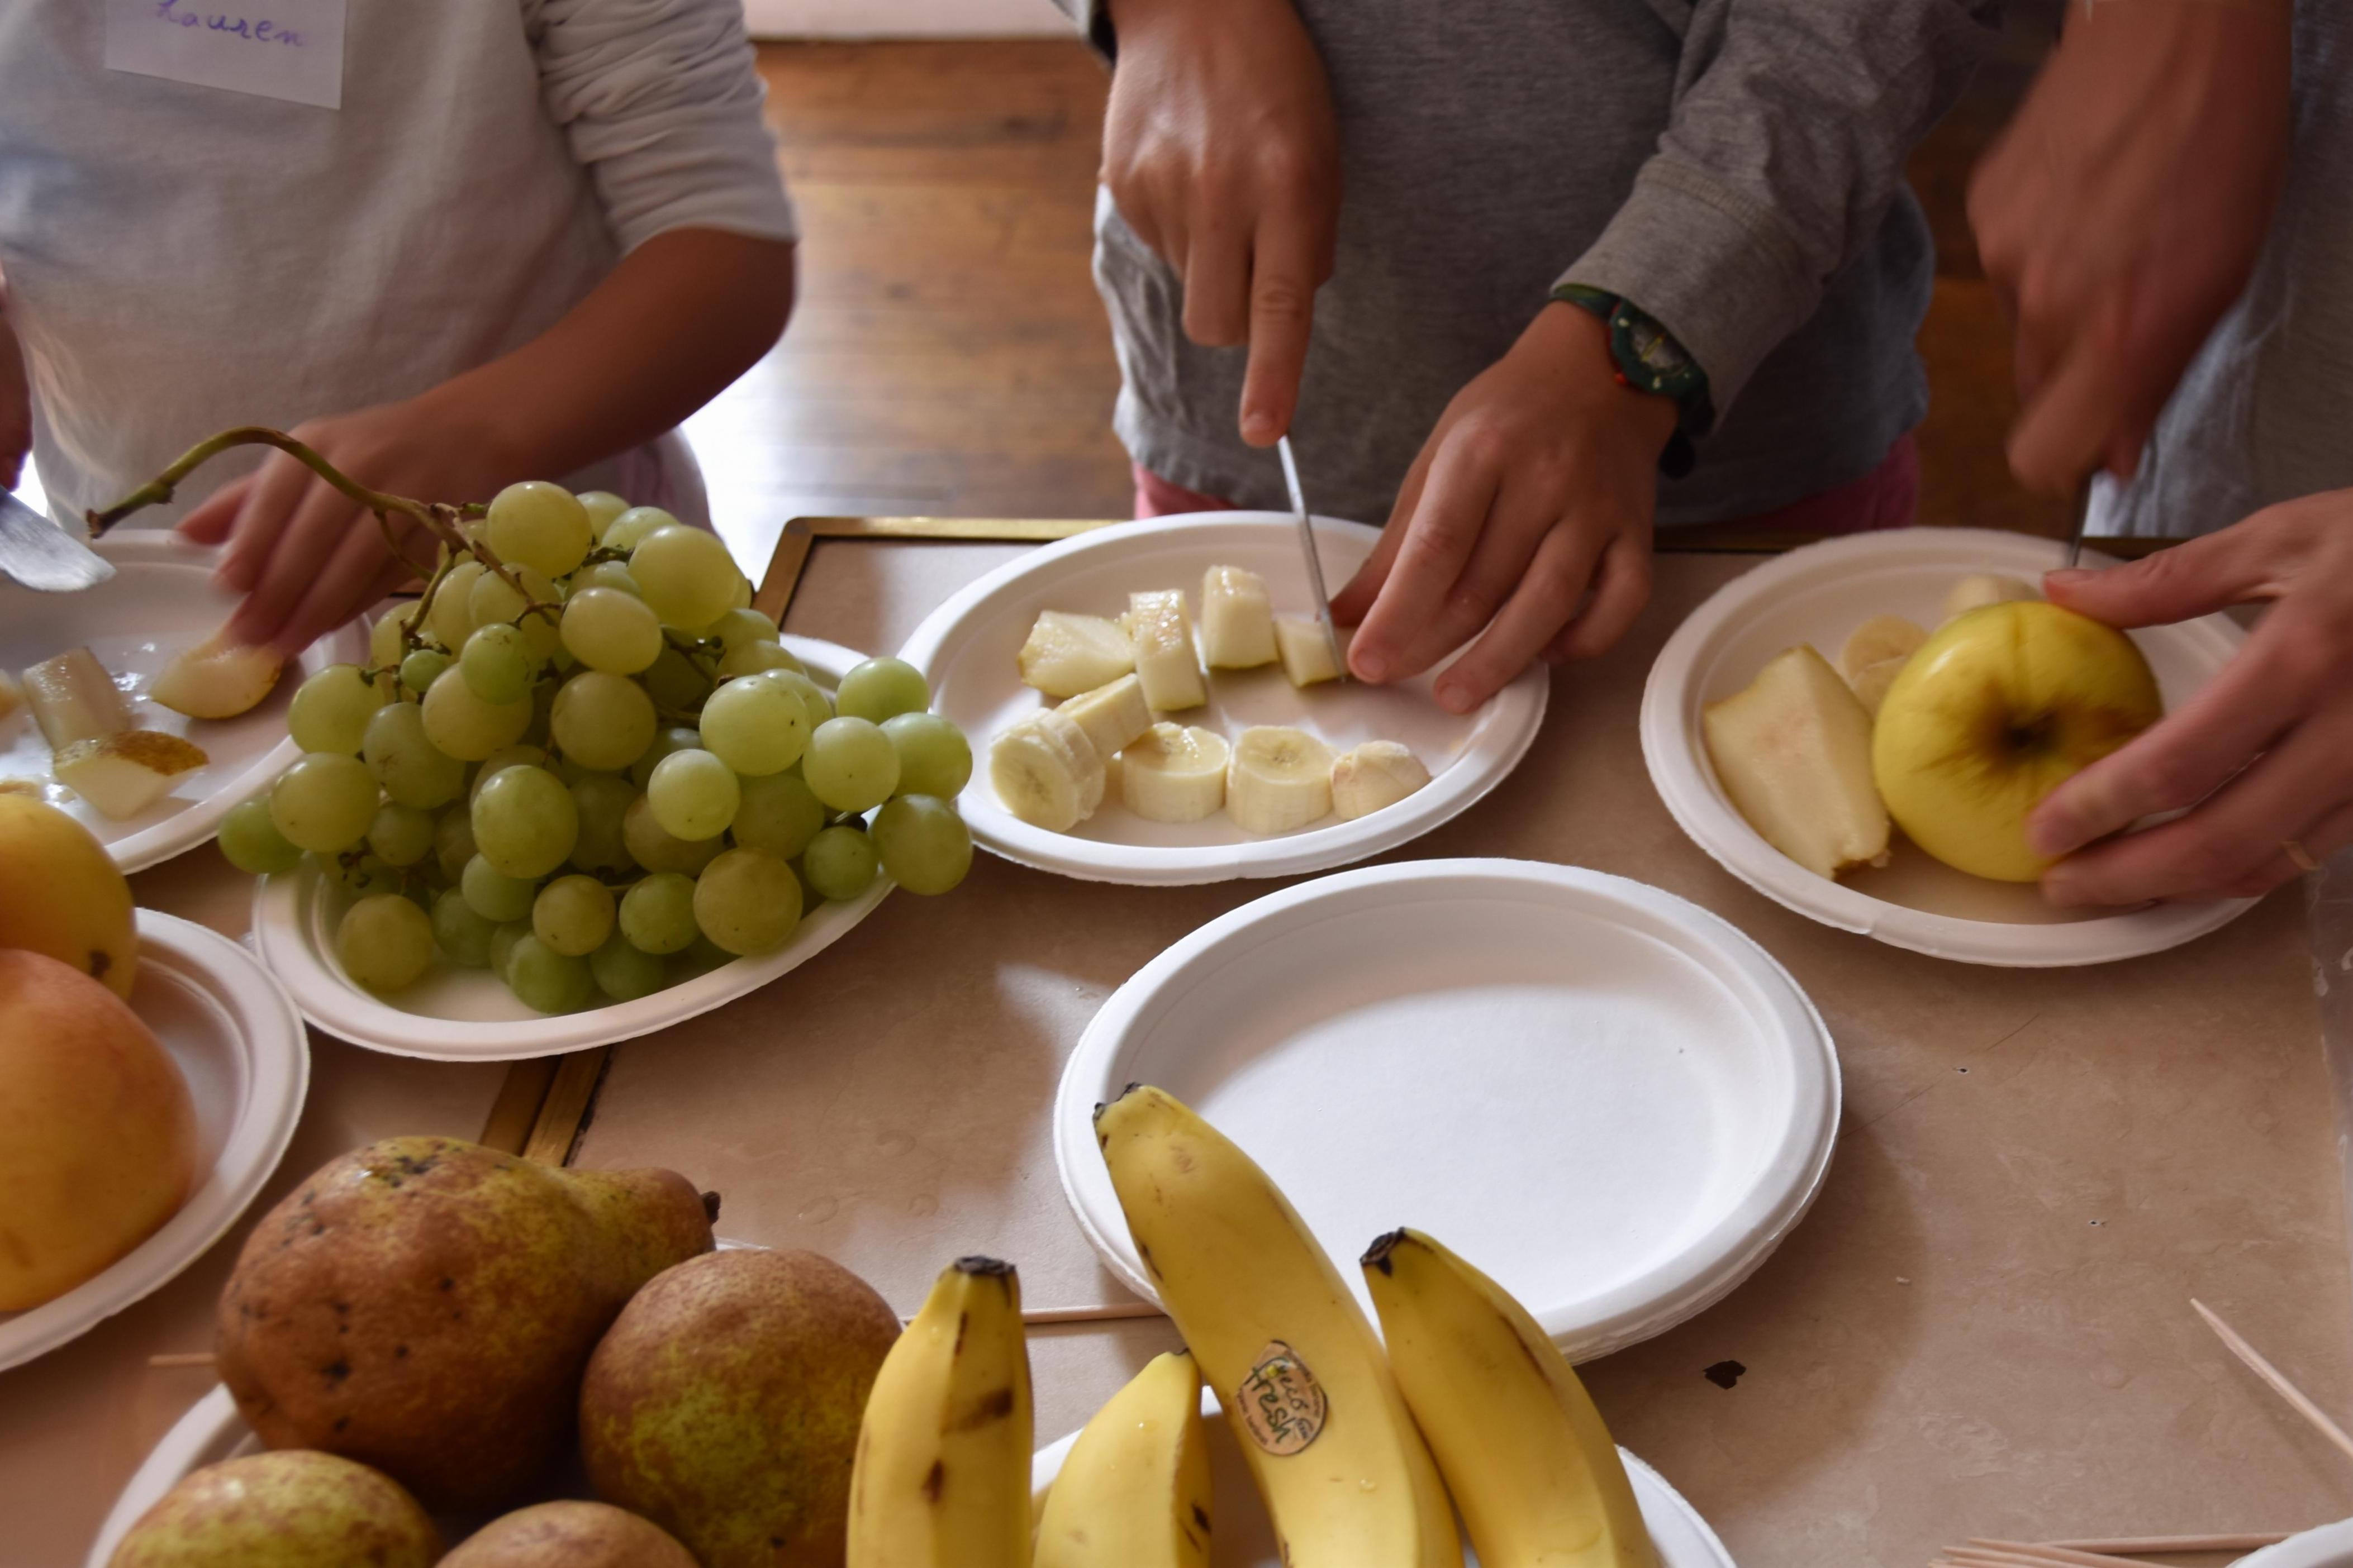 couper-les-fruits-et-légumes-enfants